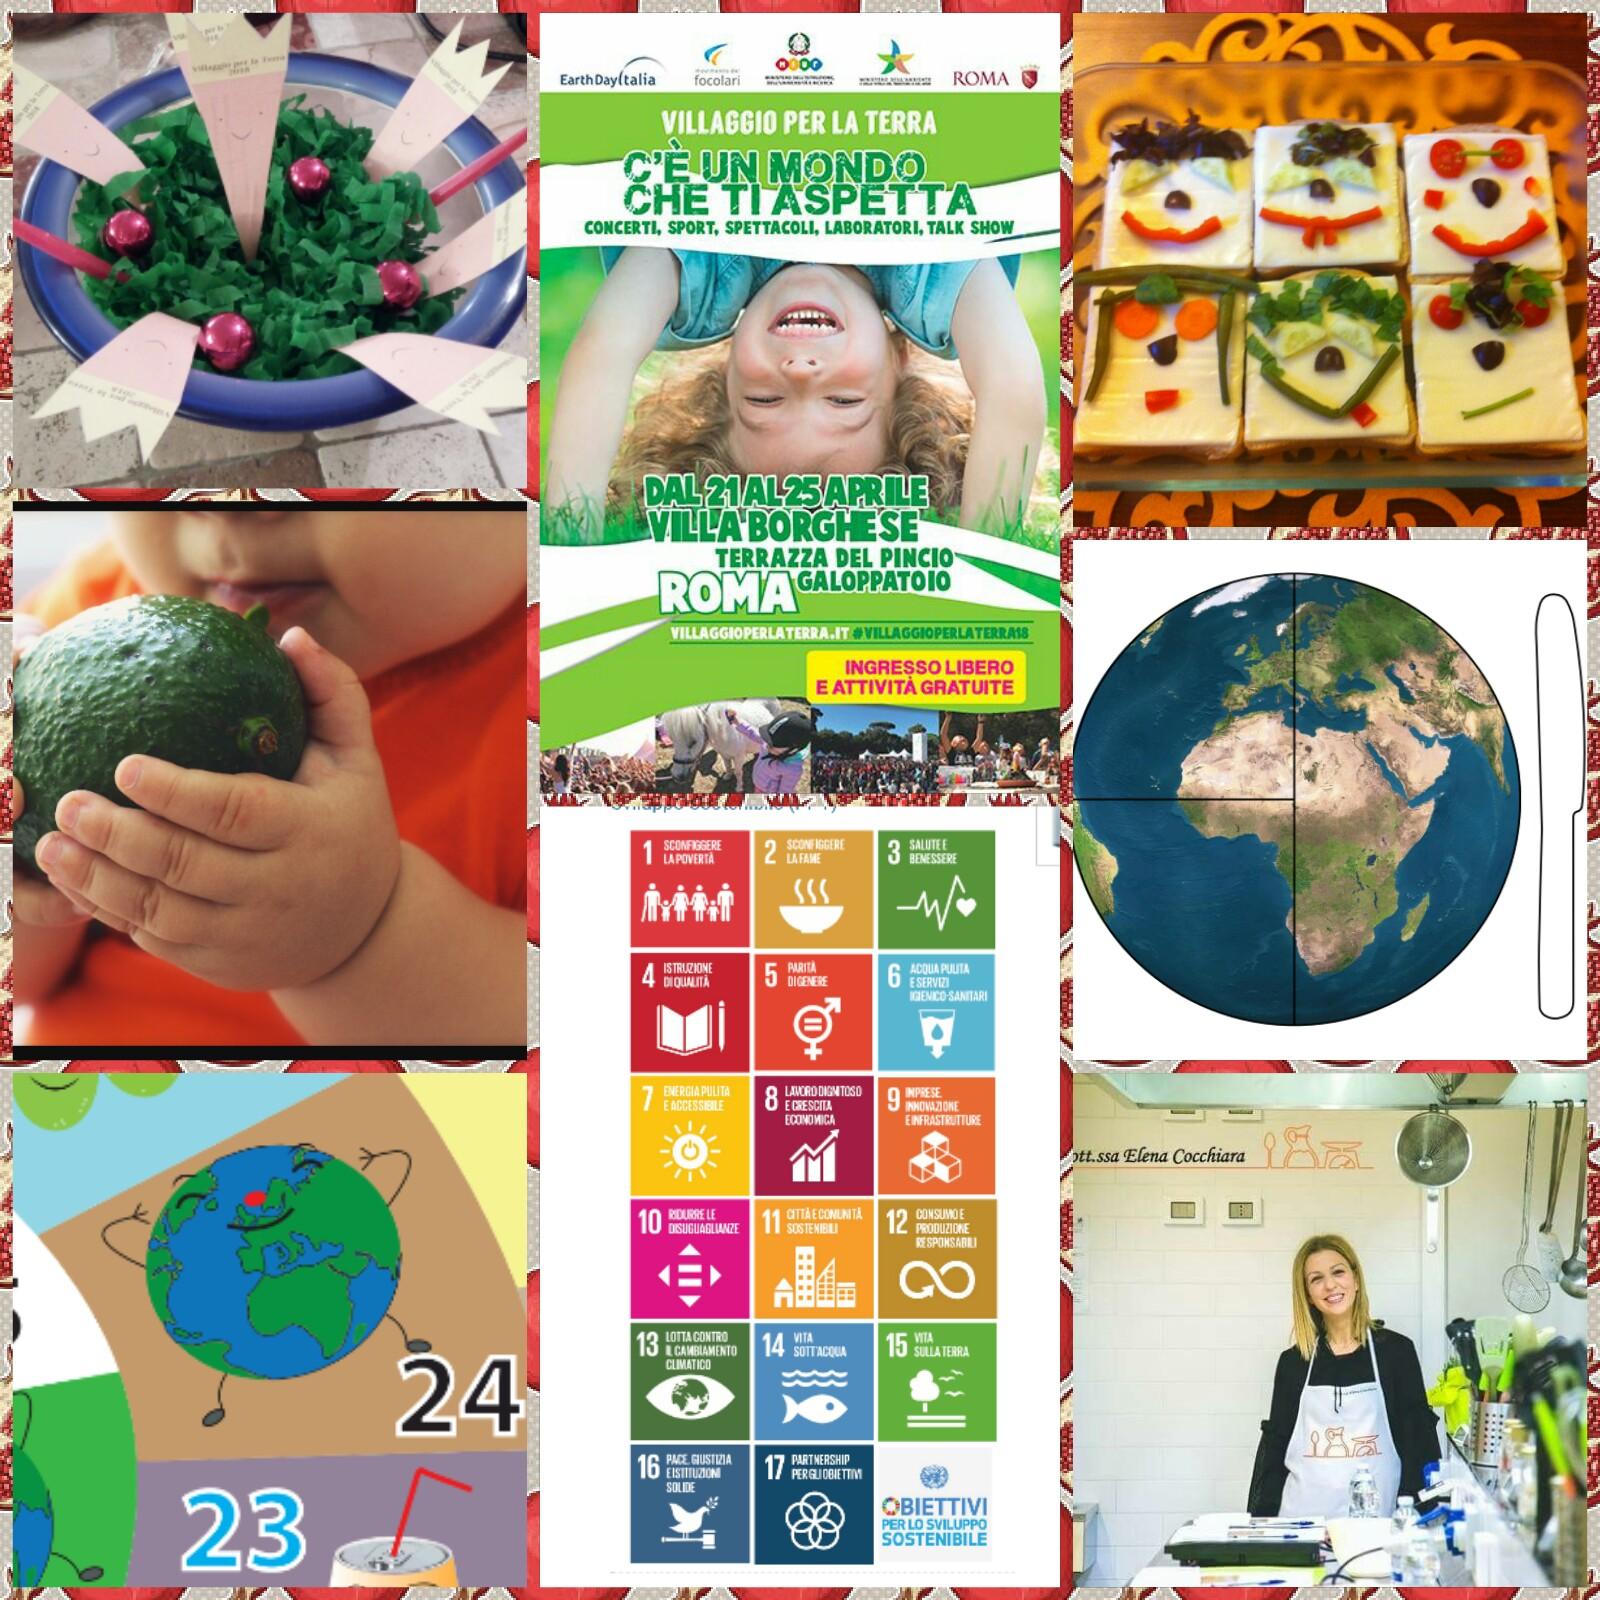 Villaggio per la Terra: Giochi, storie e cibi per chi ama la Terra